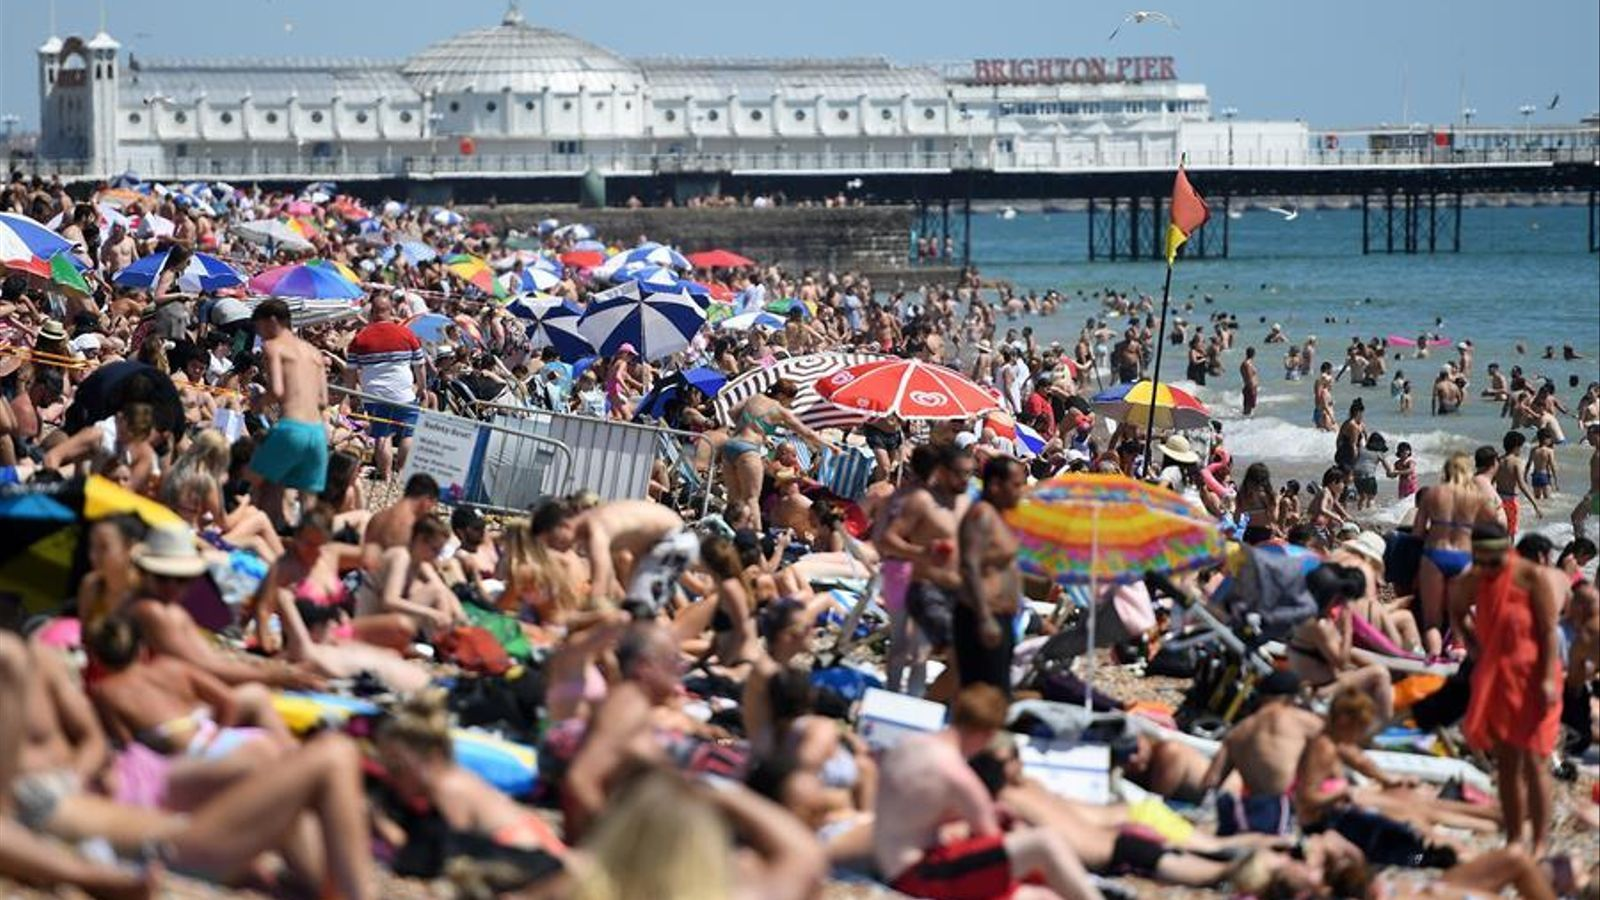 La platja de Brighton, al sud d'Anglaterra, plena de gom a gom de banyistes